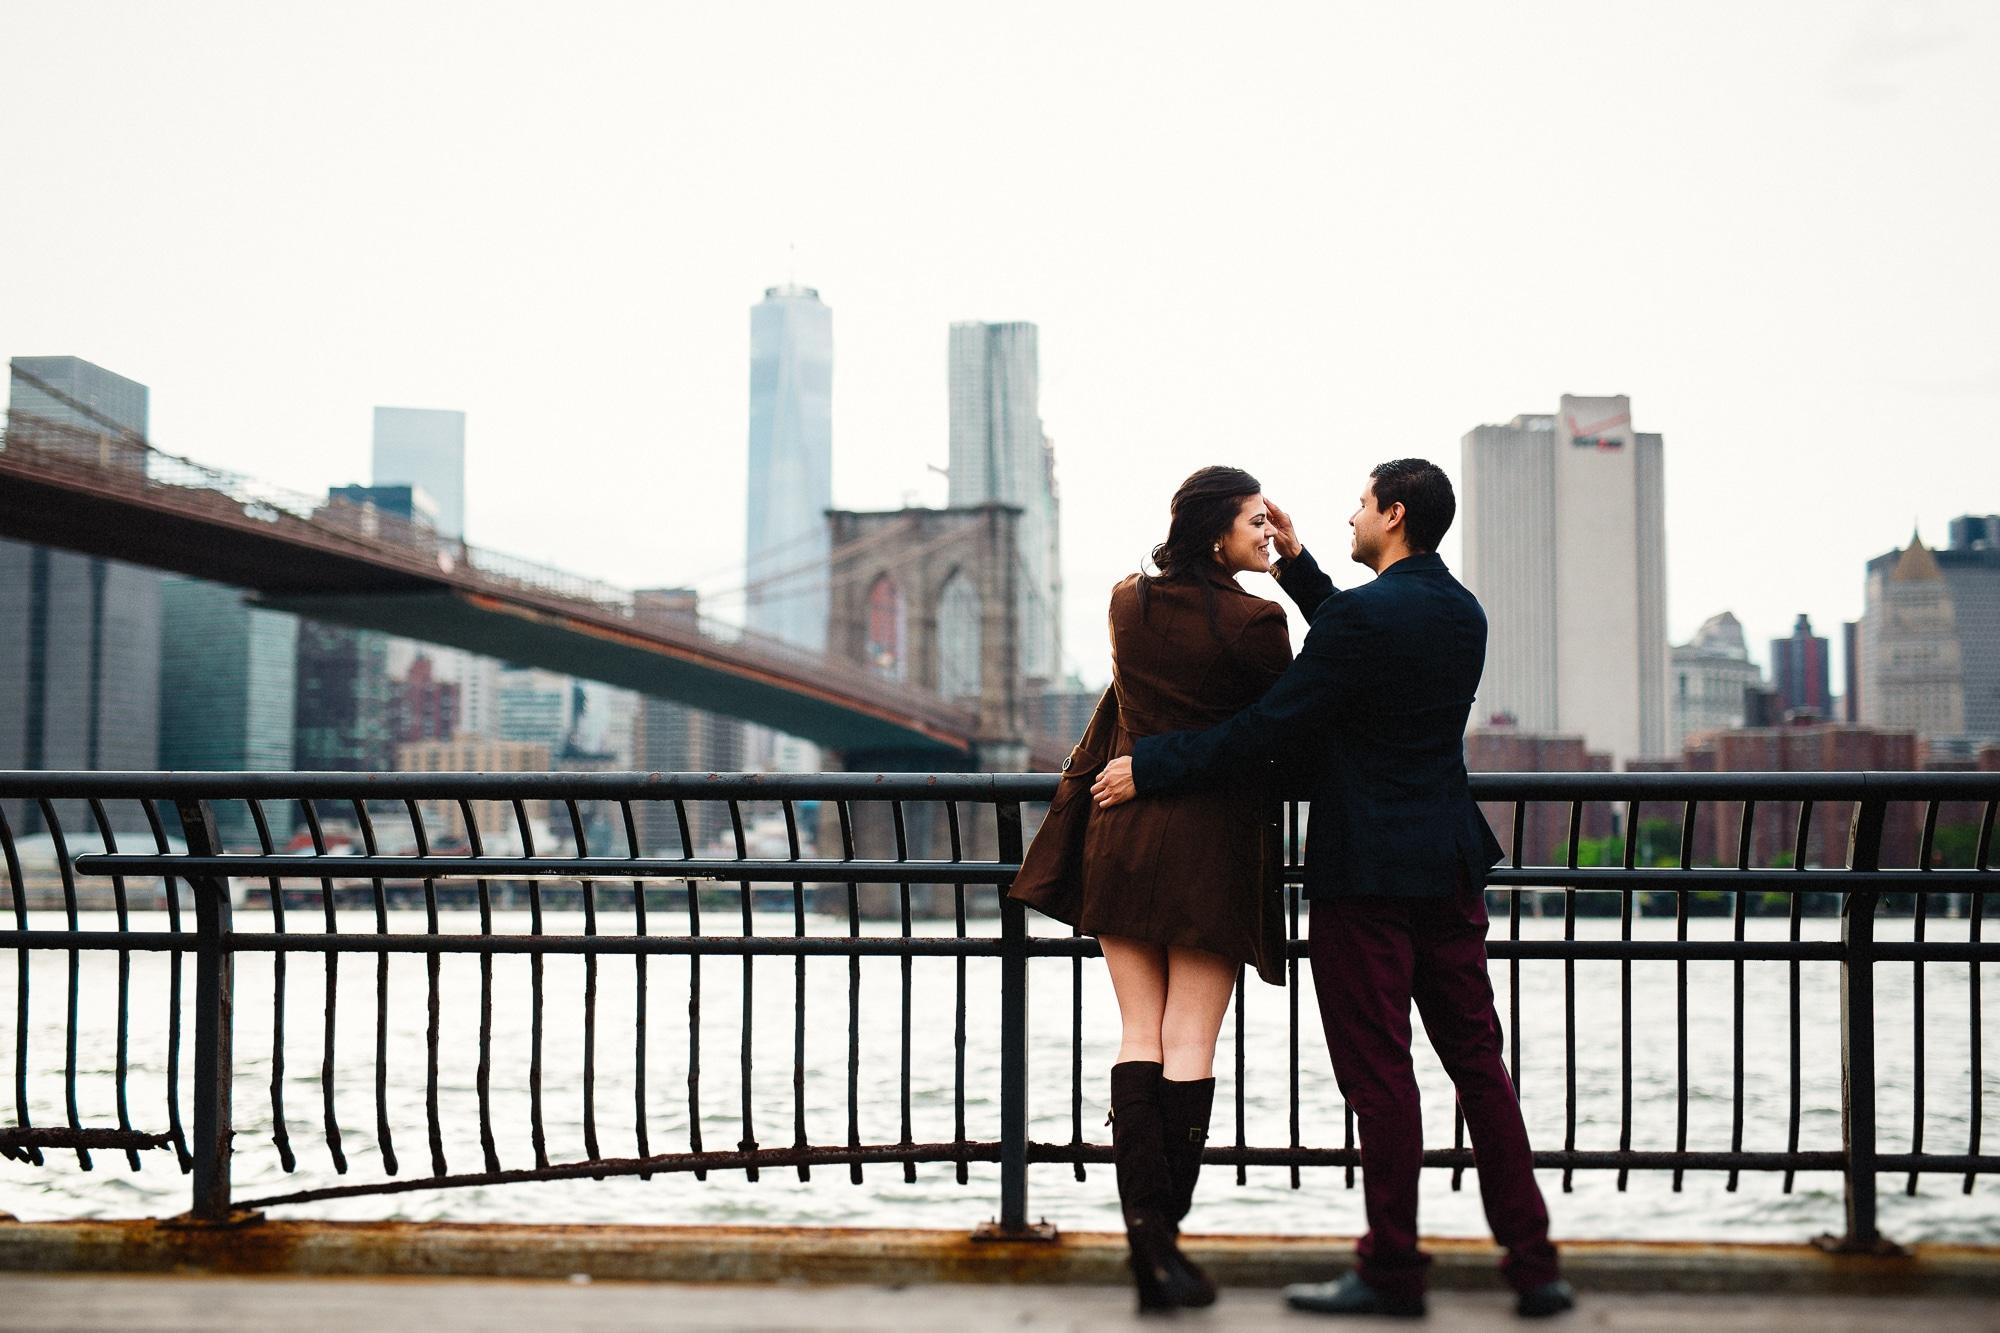 fotografo brasileiro em nova york NY